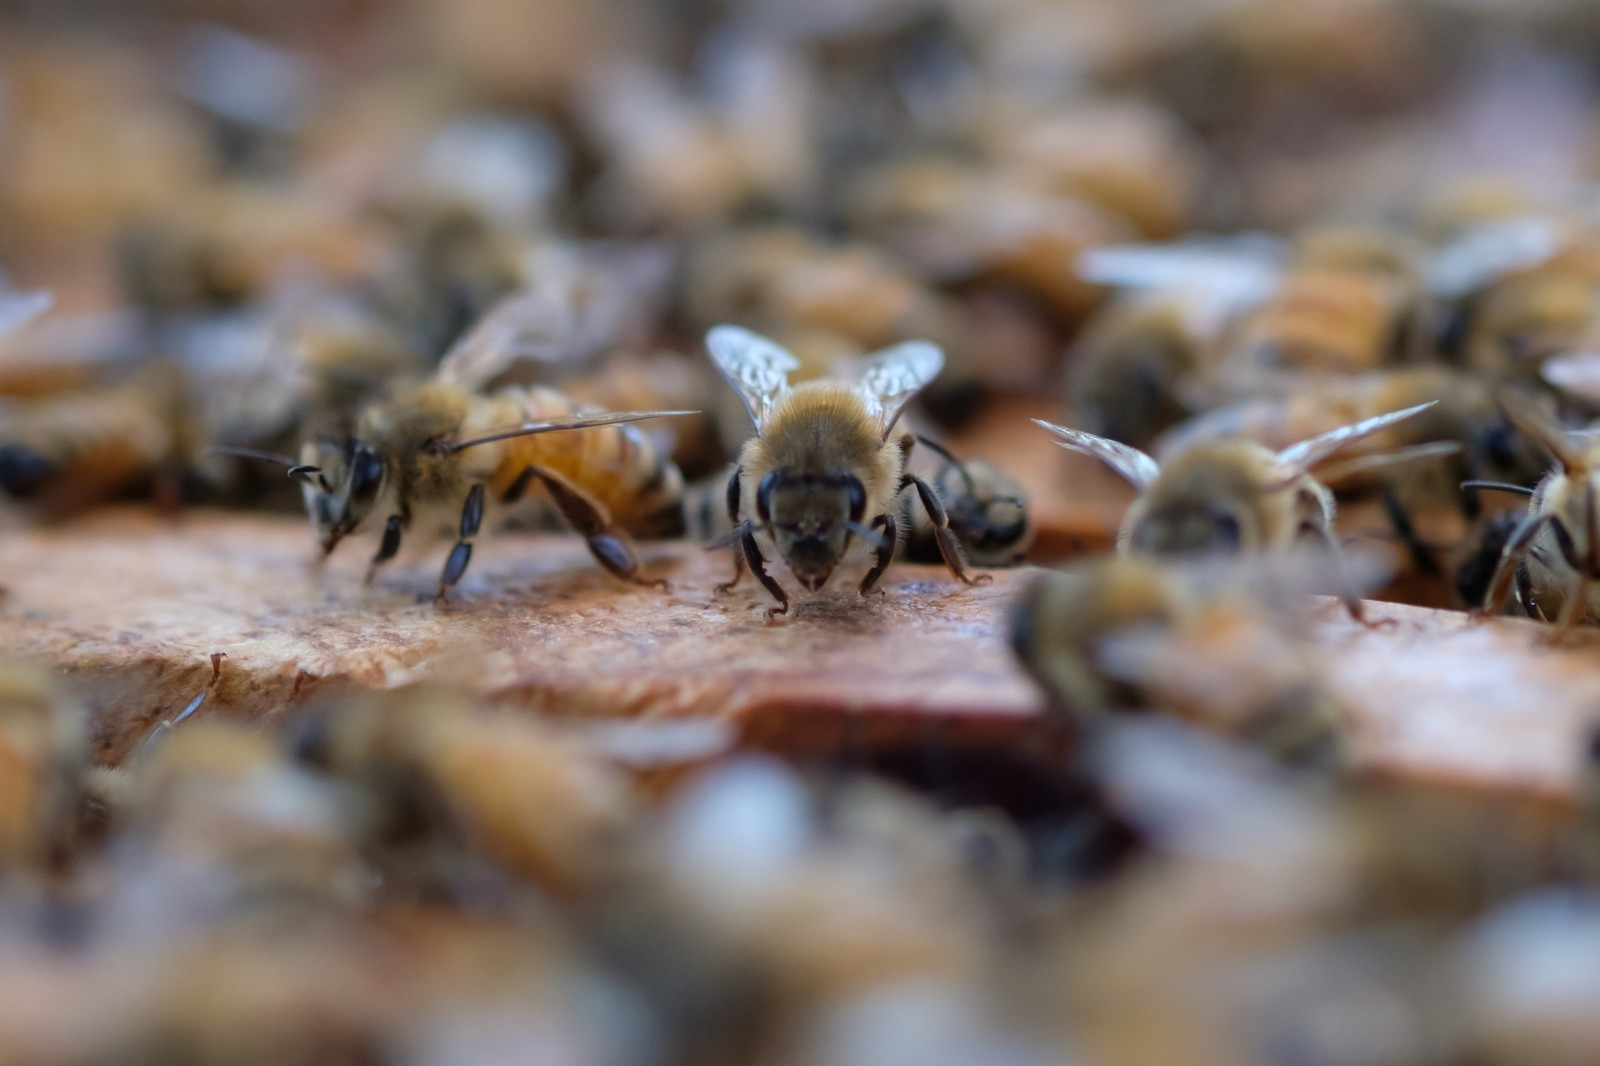 「巣箱の上をウロウロするミツバチ」の写真